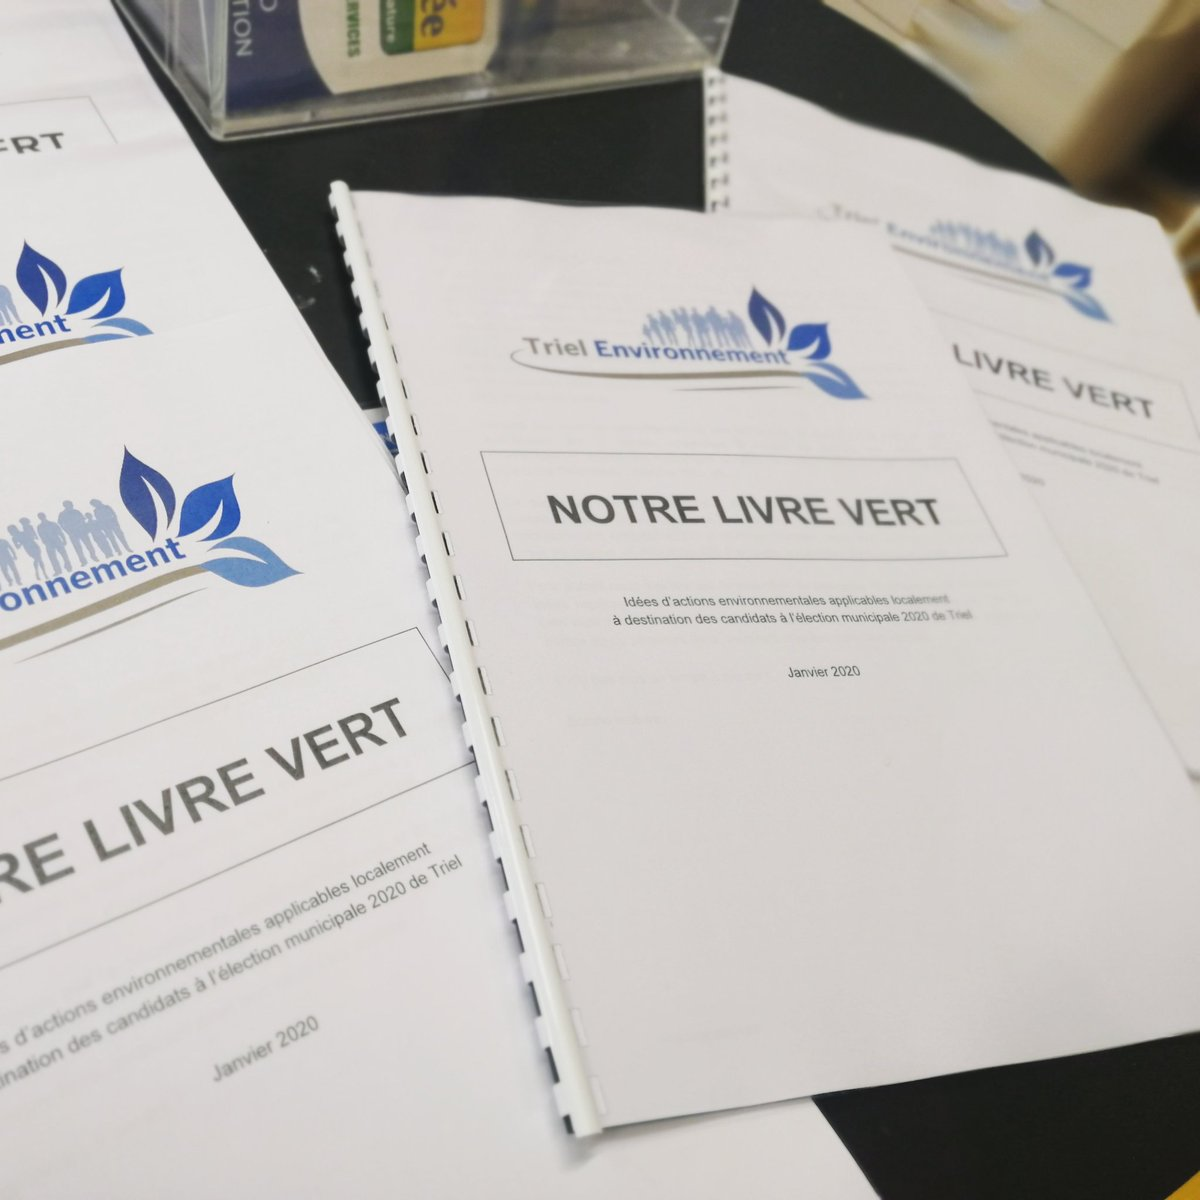 Tout chaud tout prêt à être remis aux candidats à la mairie de Triel #LivreVert  #municipales2020 #TransitionEcologique #triel #trielsurseine #trielenvironnement